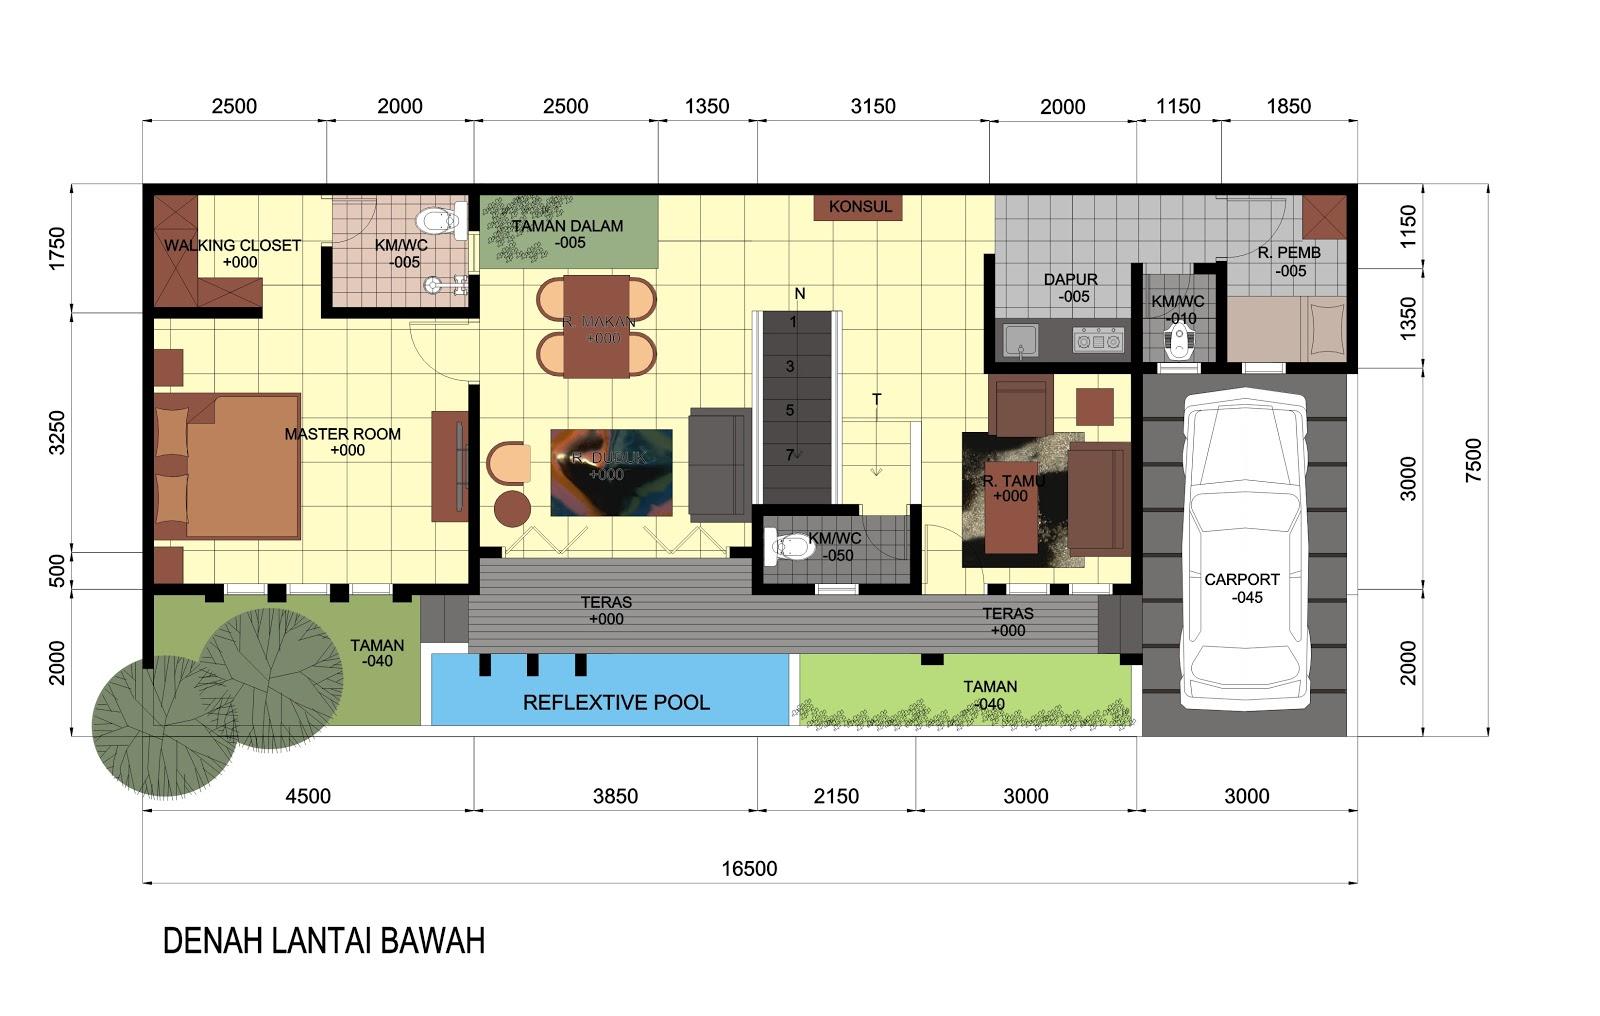 70 Desain Rumah Minimalis Memanjang Ke Samping | Desain Rumah Minimalis Terbaru